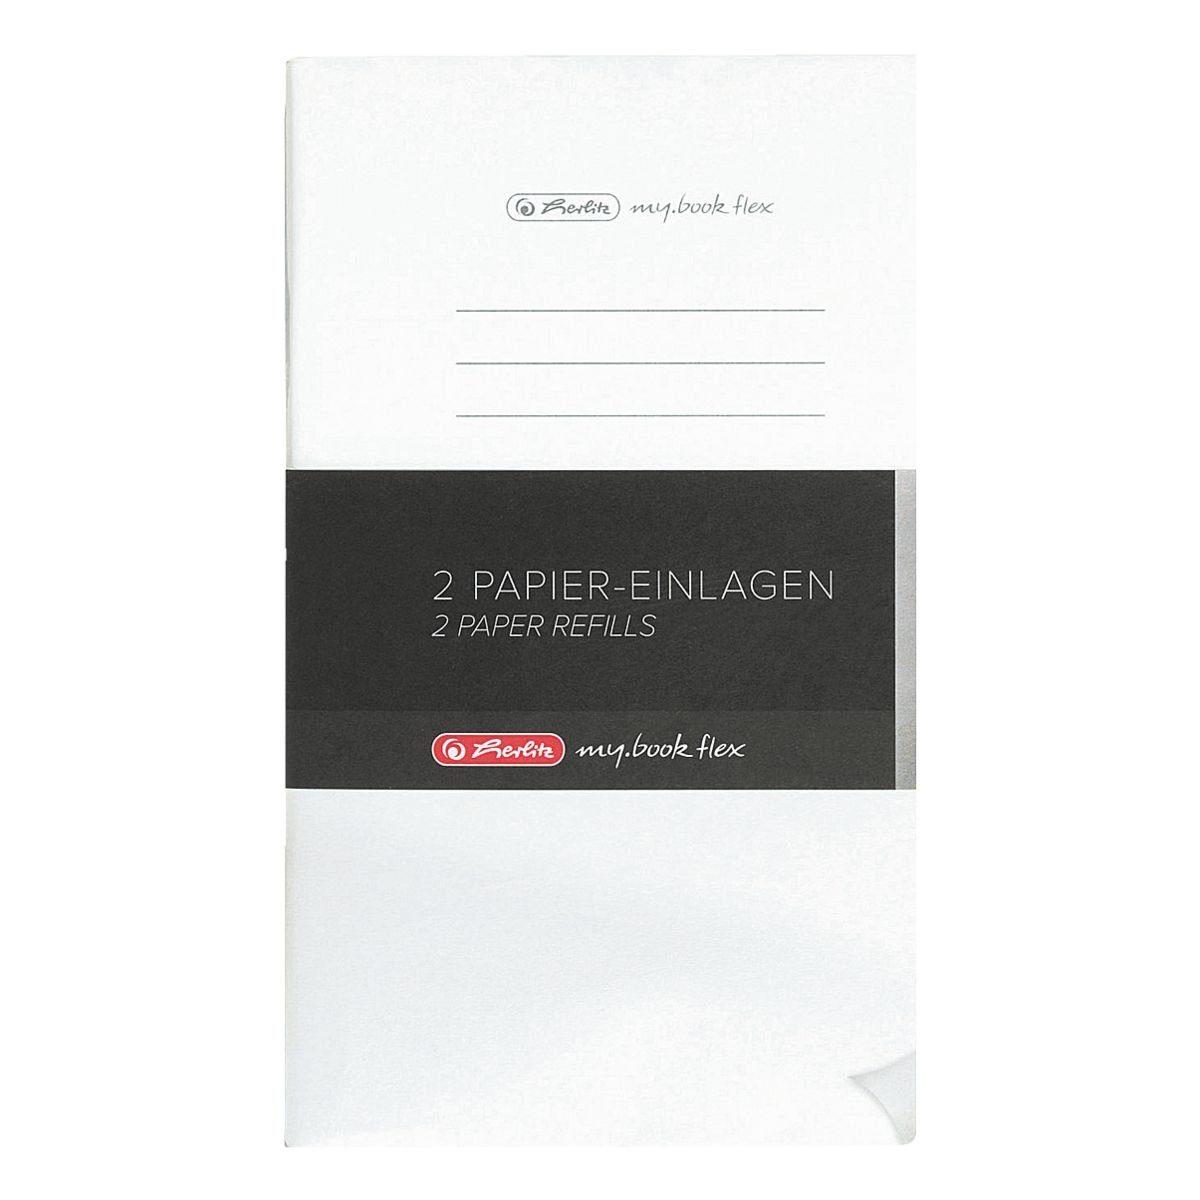 Herlitz 2er-Pack Papiereinlagen my.book flex